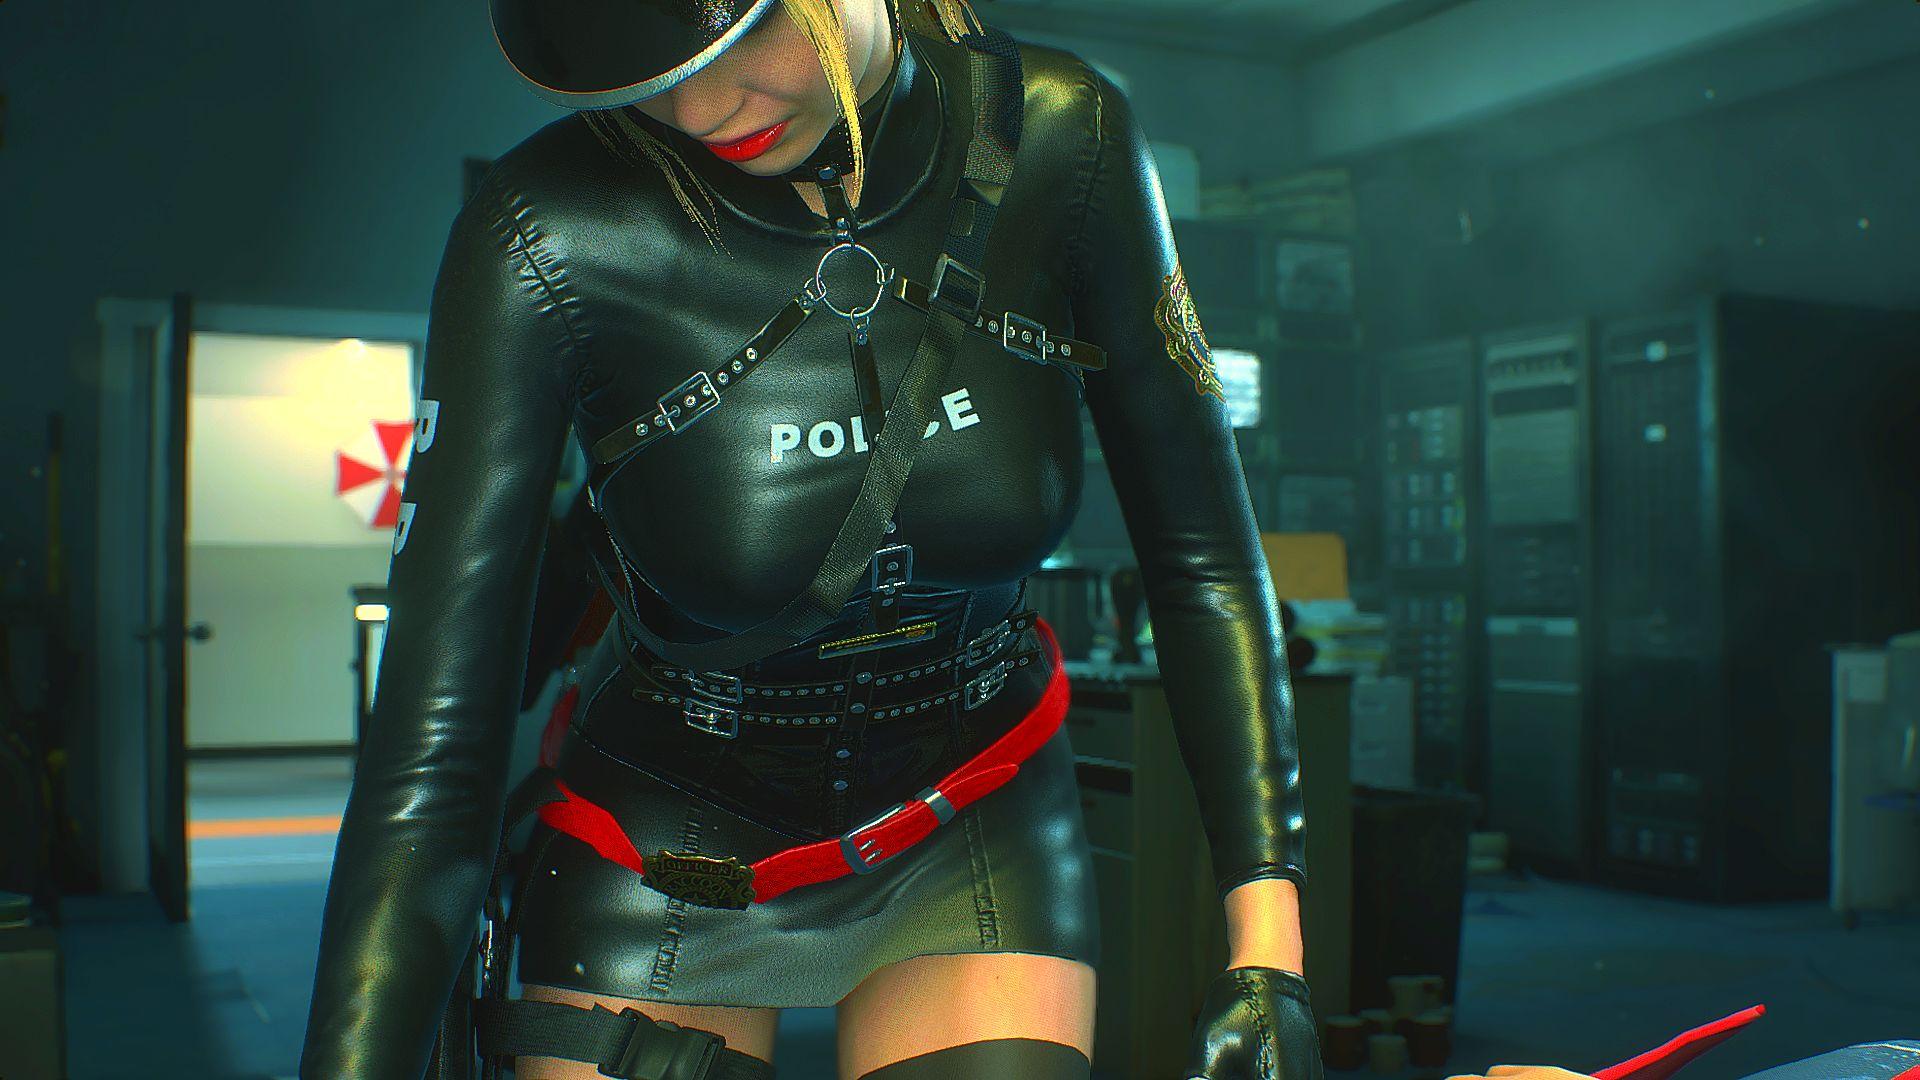 000144.Jpg - Resident Evil 2